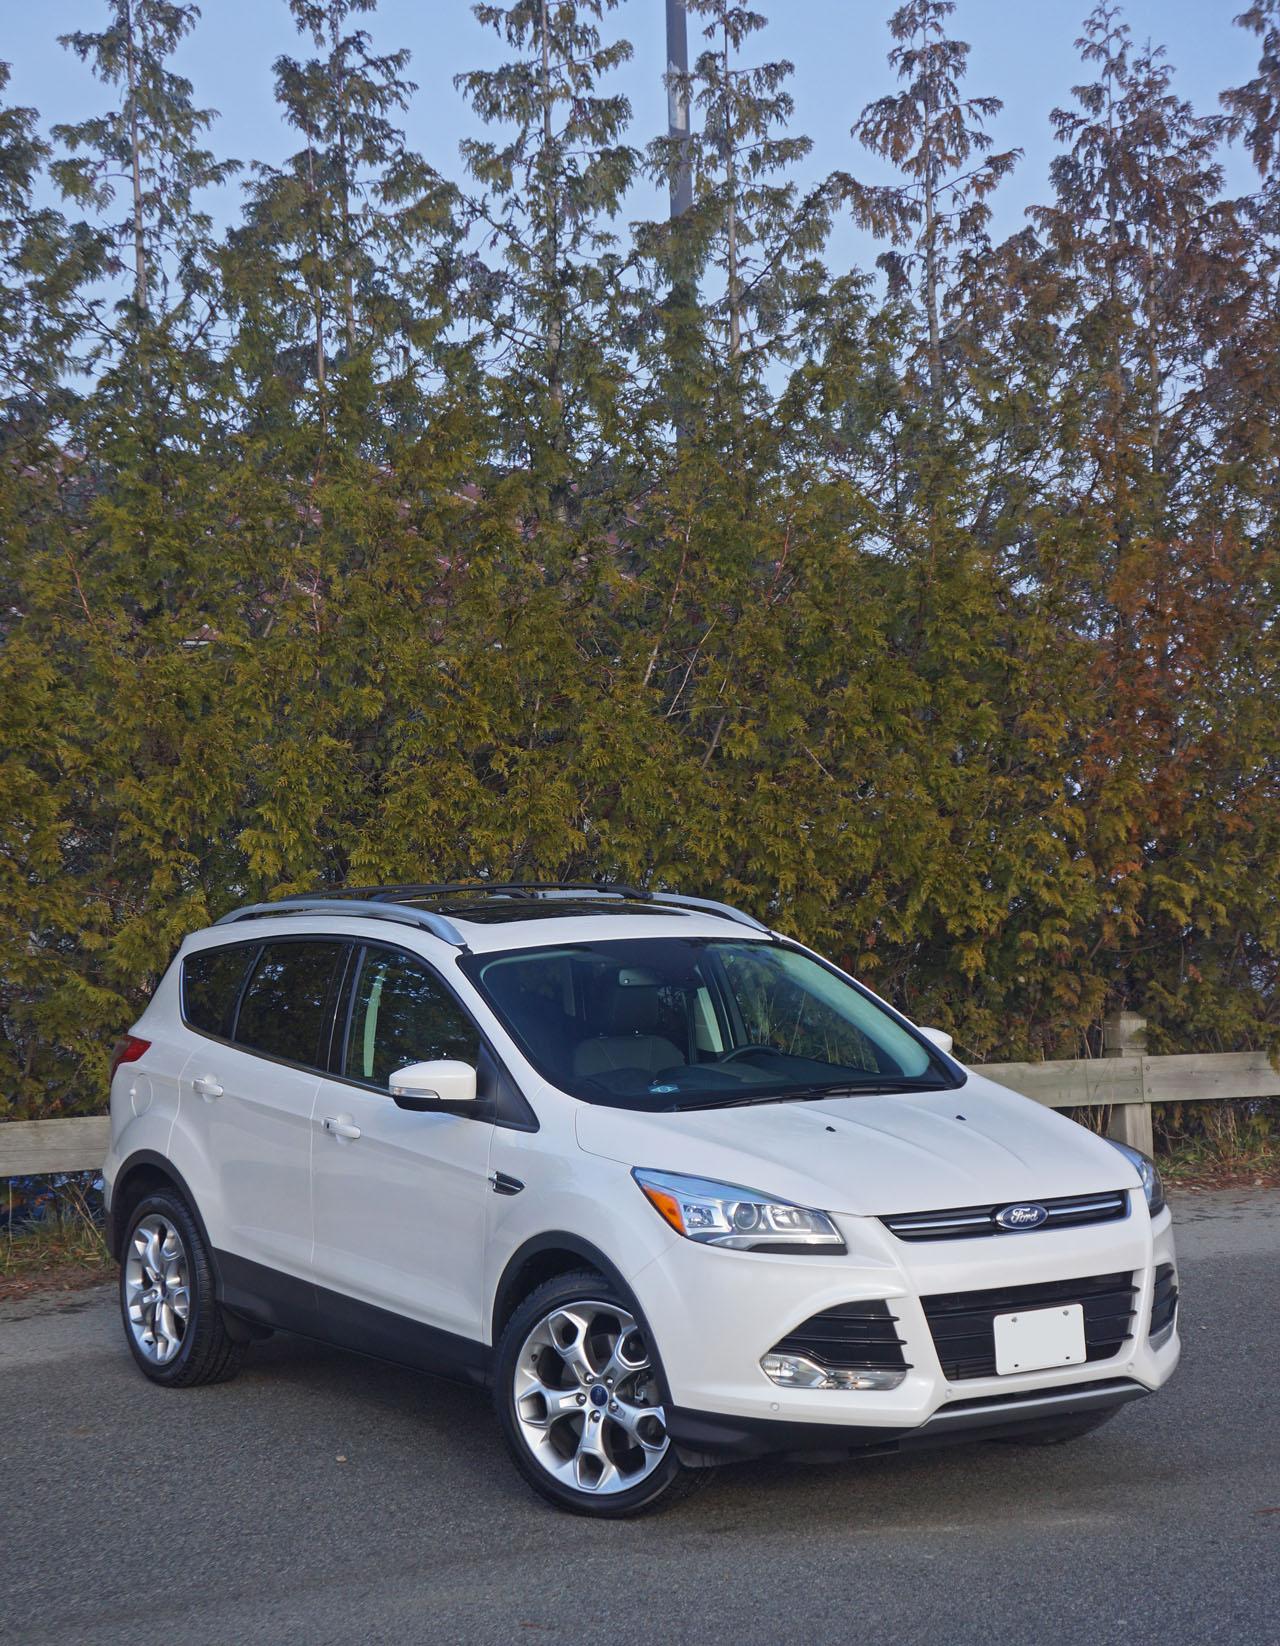 Ford Escape Titanium WD Road Test Review CarCostCanada - Ford escape invoice